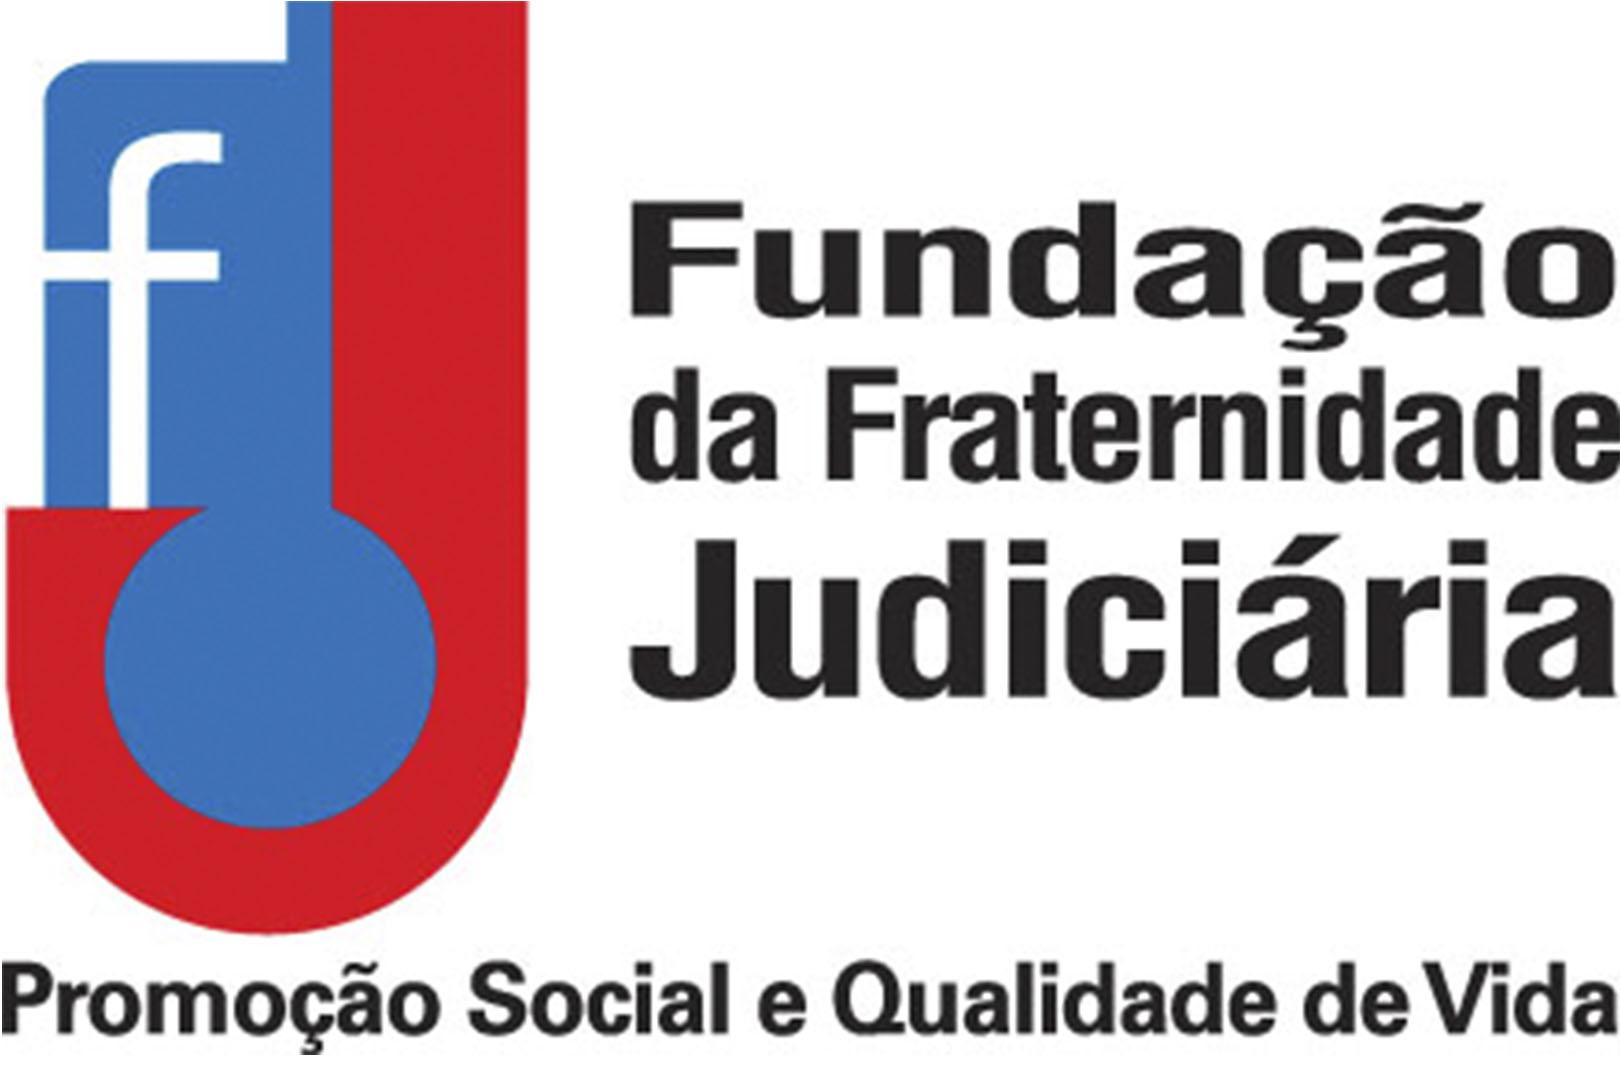 Conheça o trabalho da Fundação da Fraternidade Judiciária